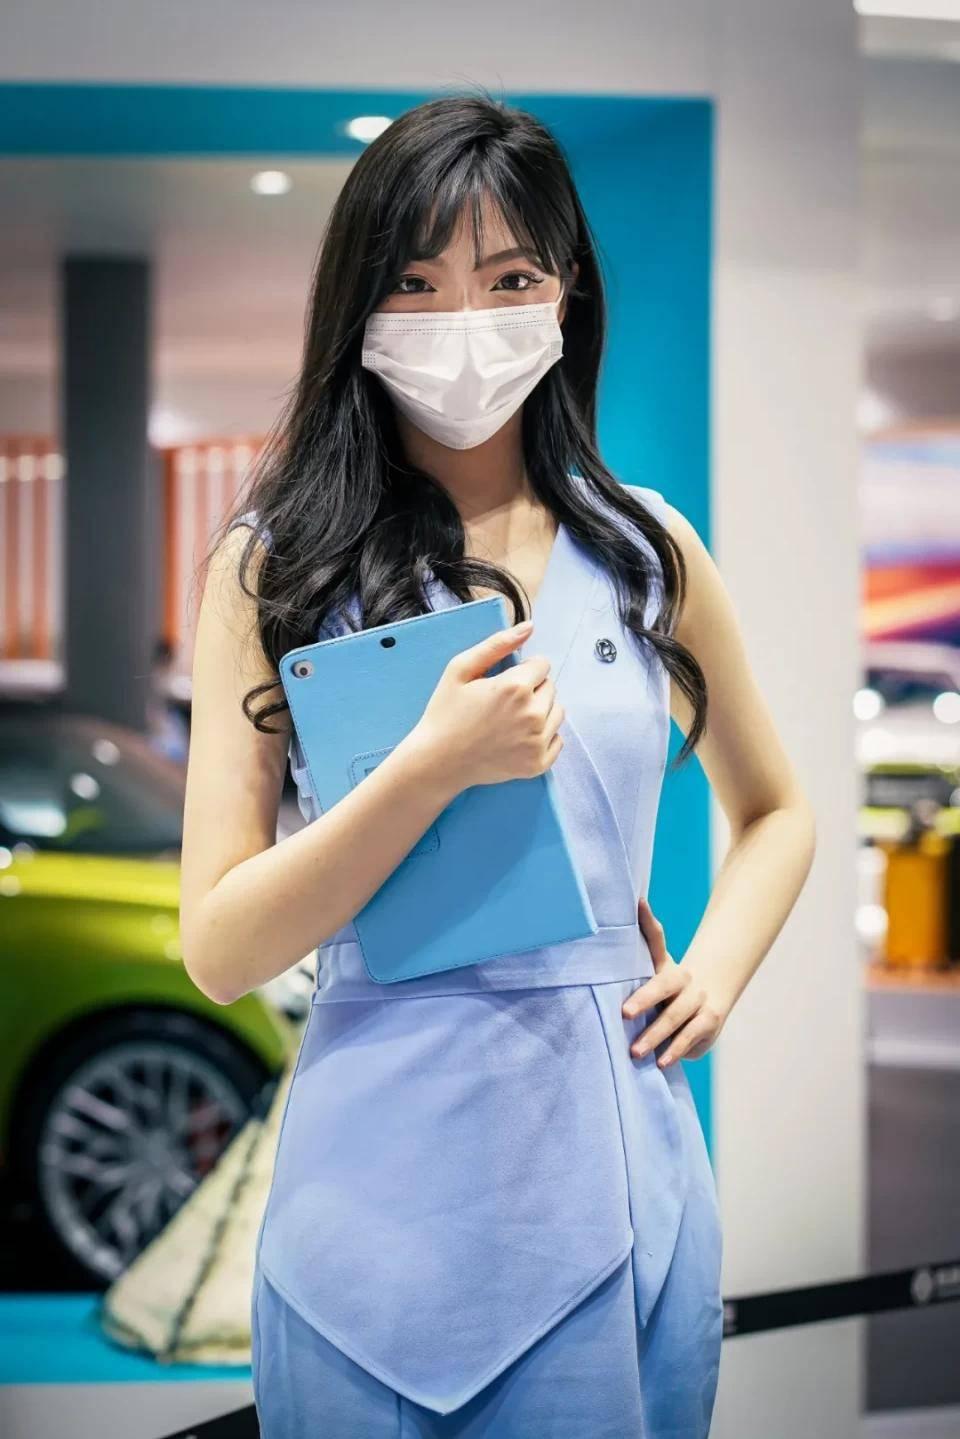 图赏:上海车展上的车模小姐姐们(图10)